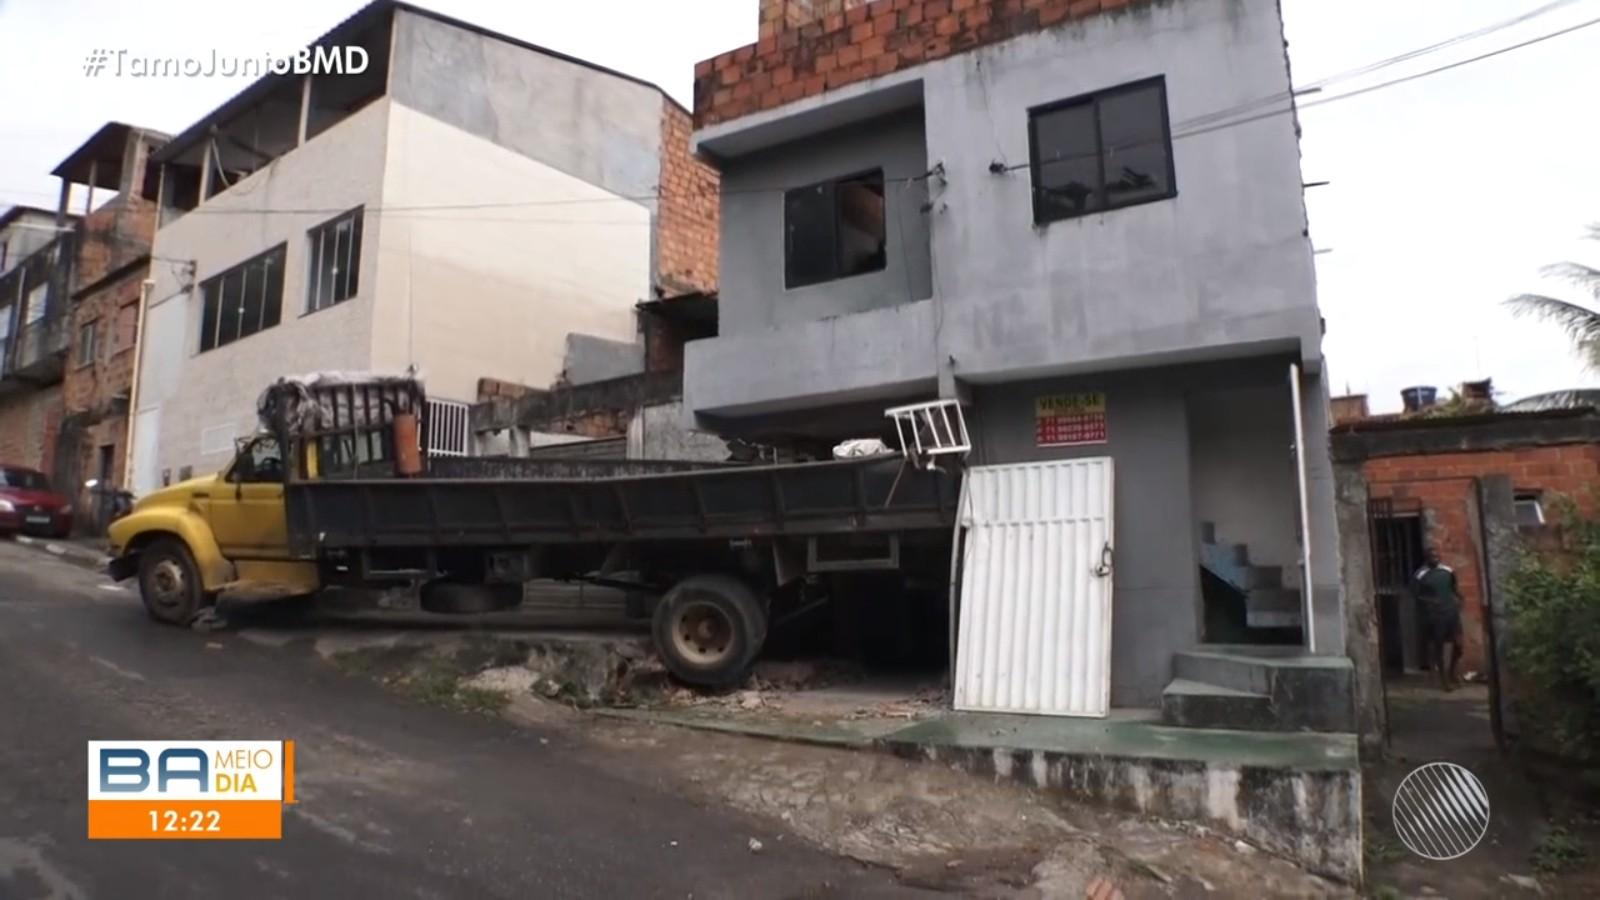 Caminhão desgovernado desce ladeira e invade imóvel na região metropolitana de Salvador